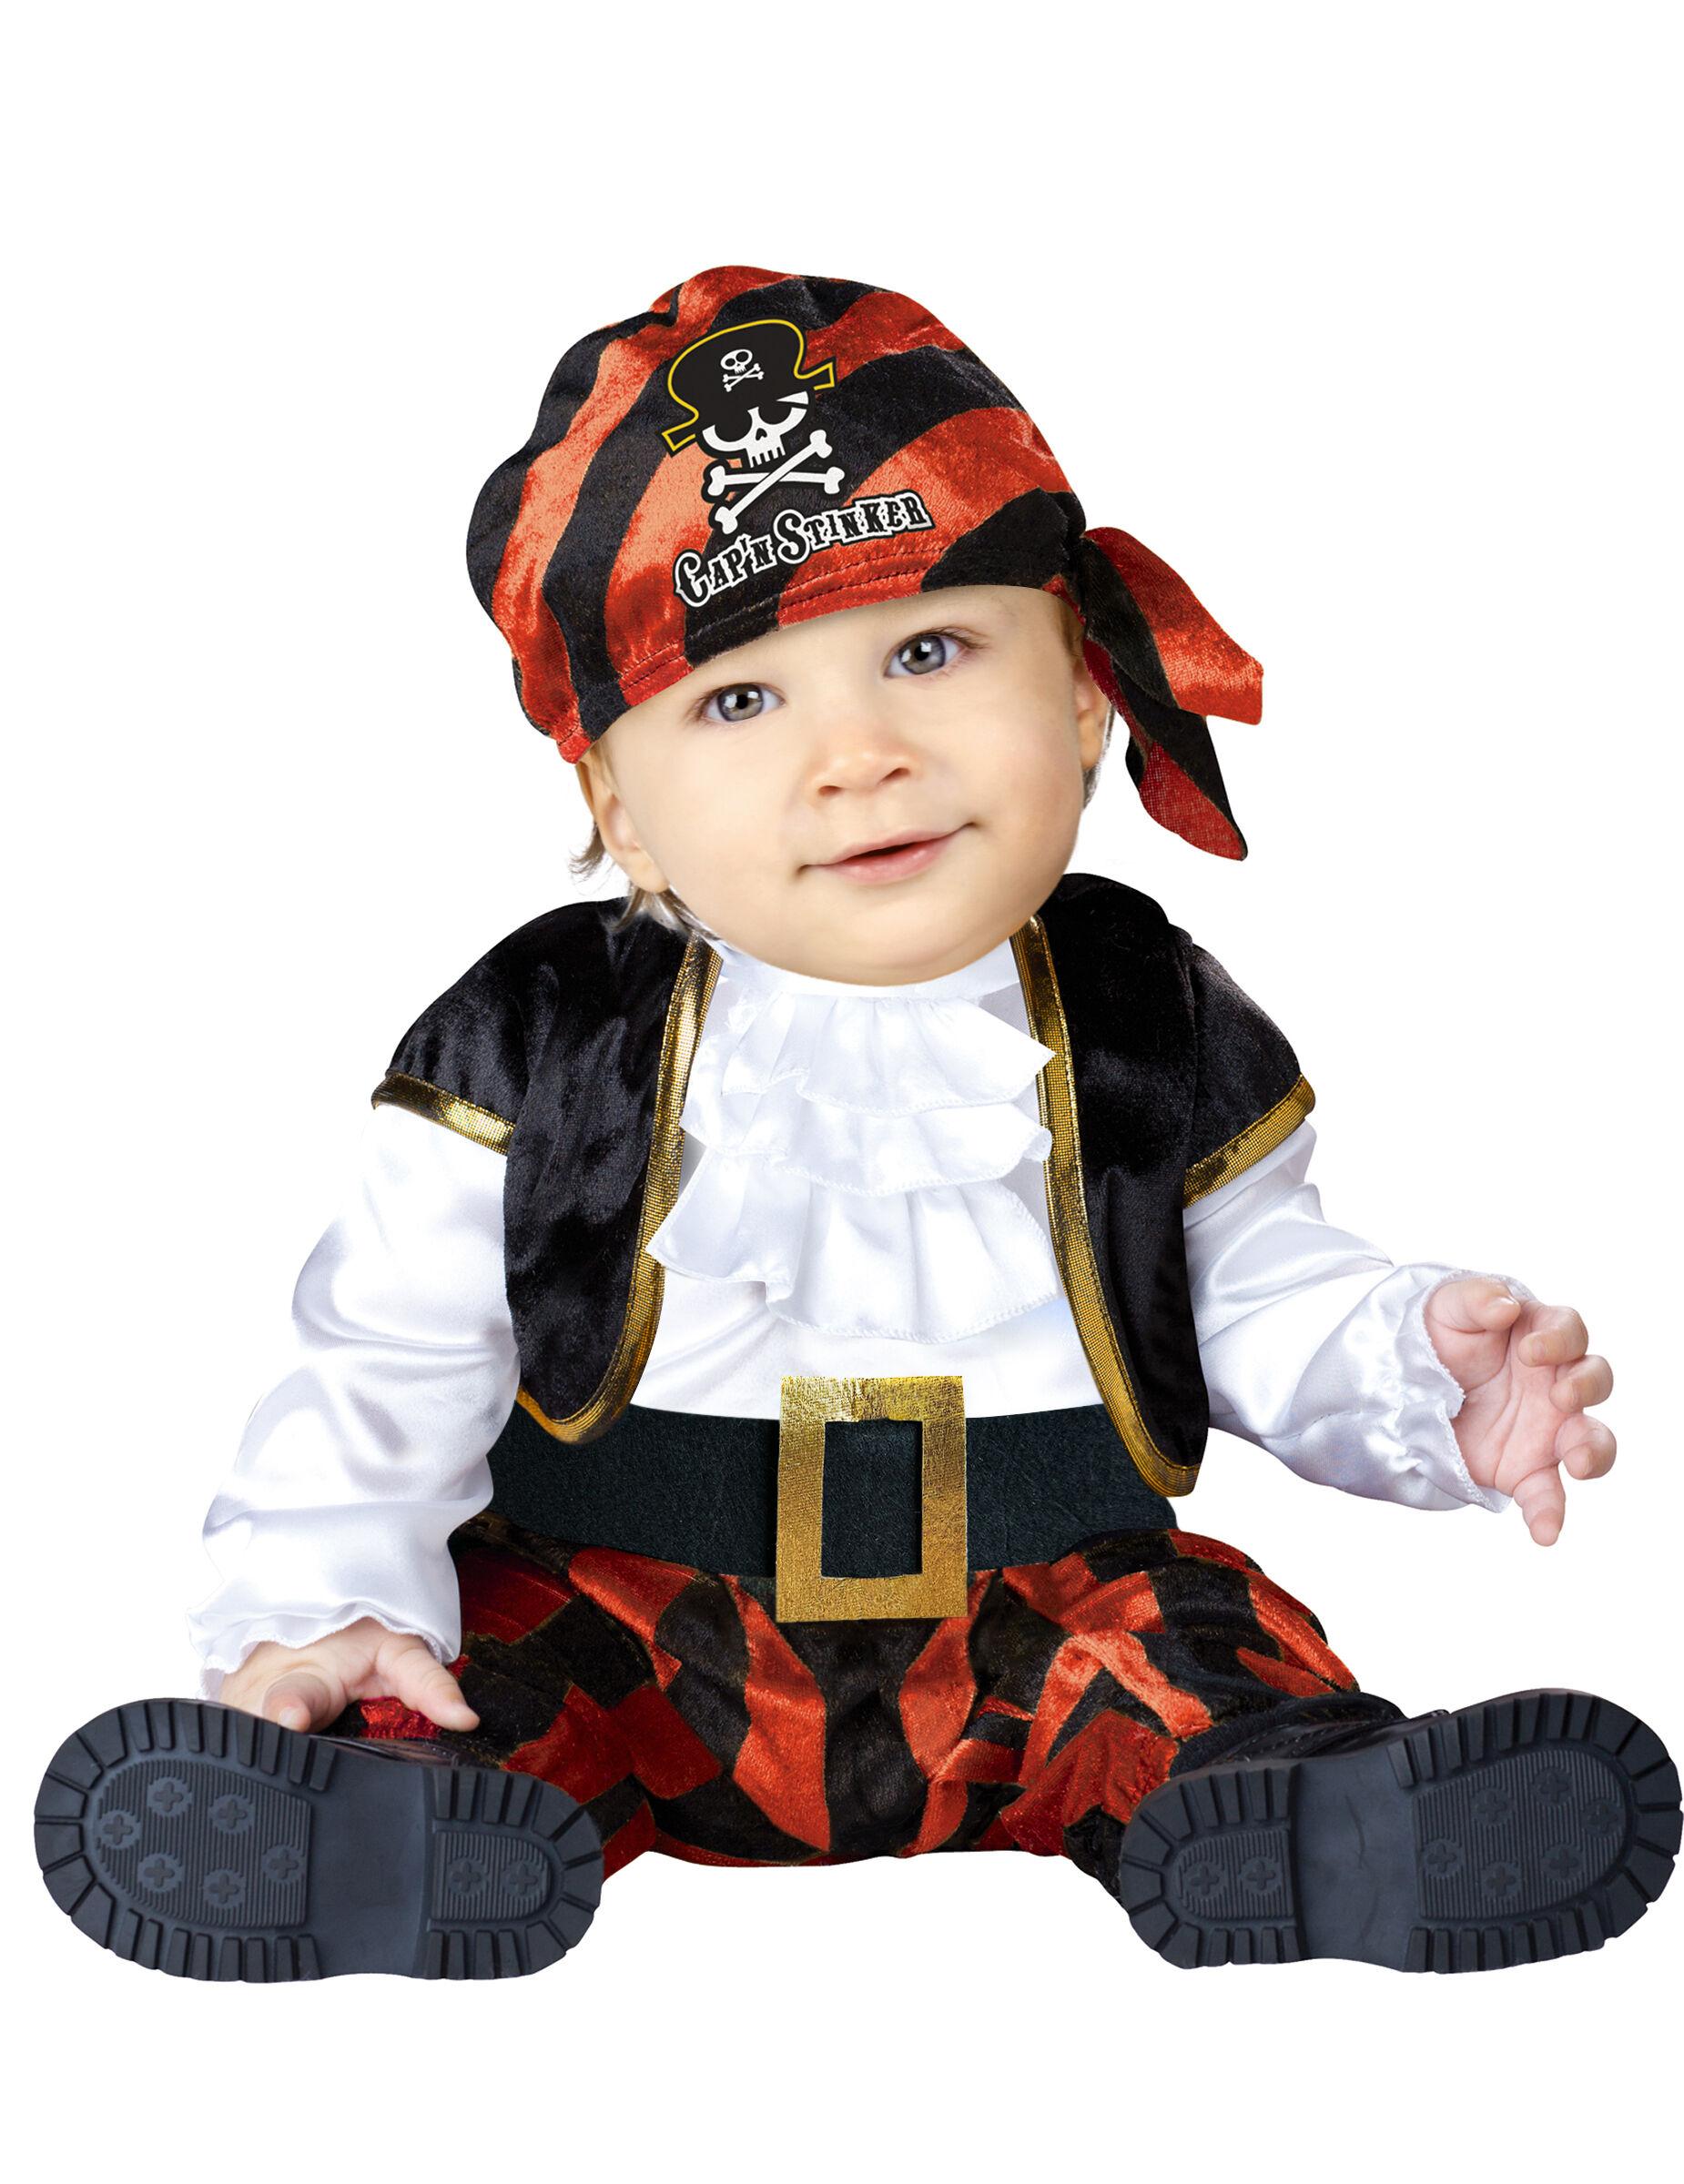 Deguisetoi Déguisement Pirate pour bébé - Classique - Taille: 12-18 mois (74-81 cm)